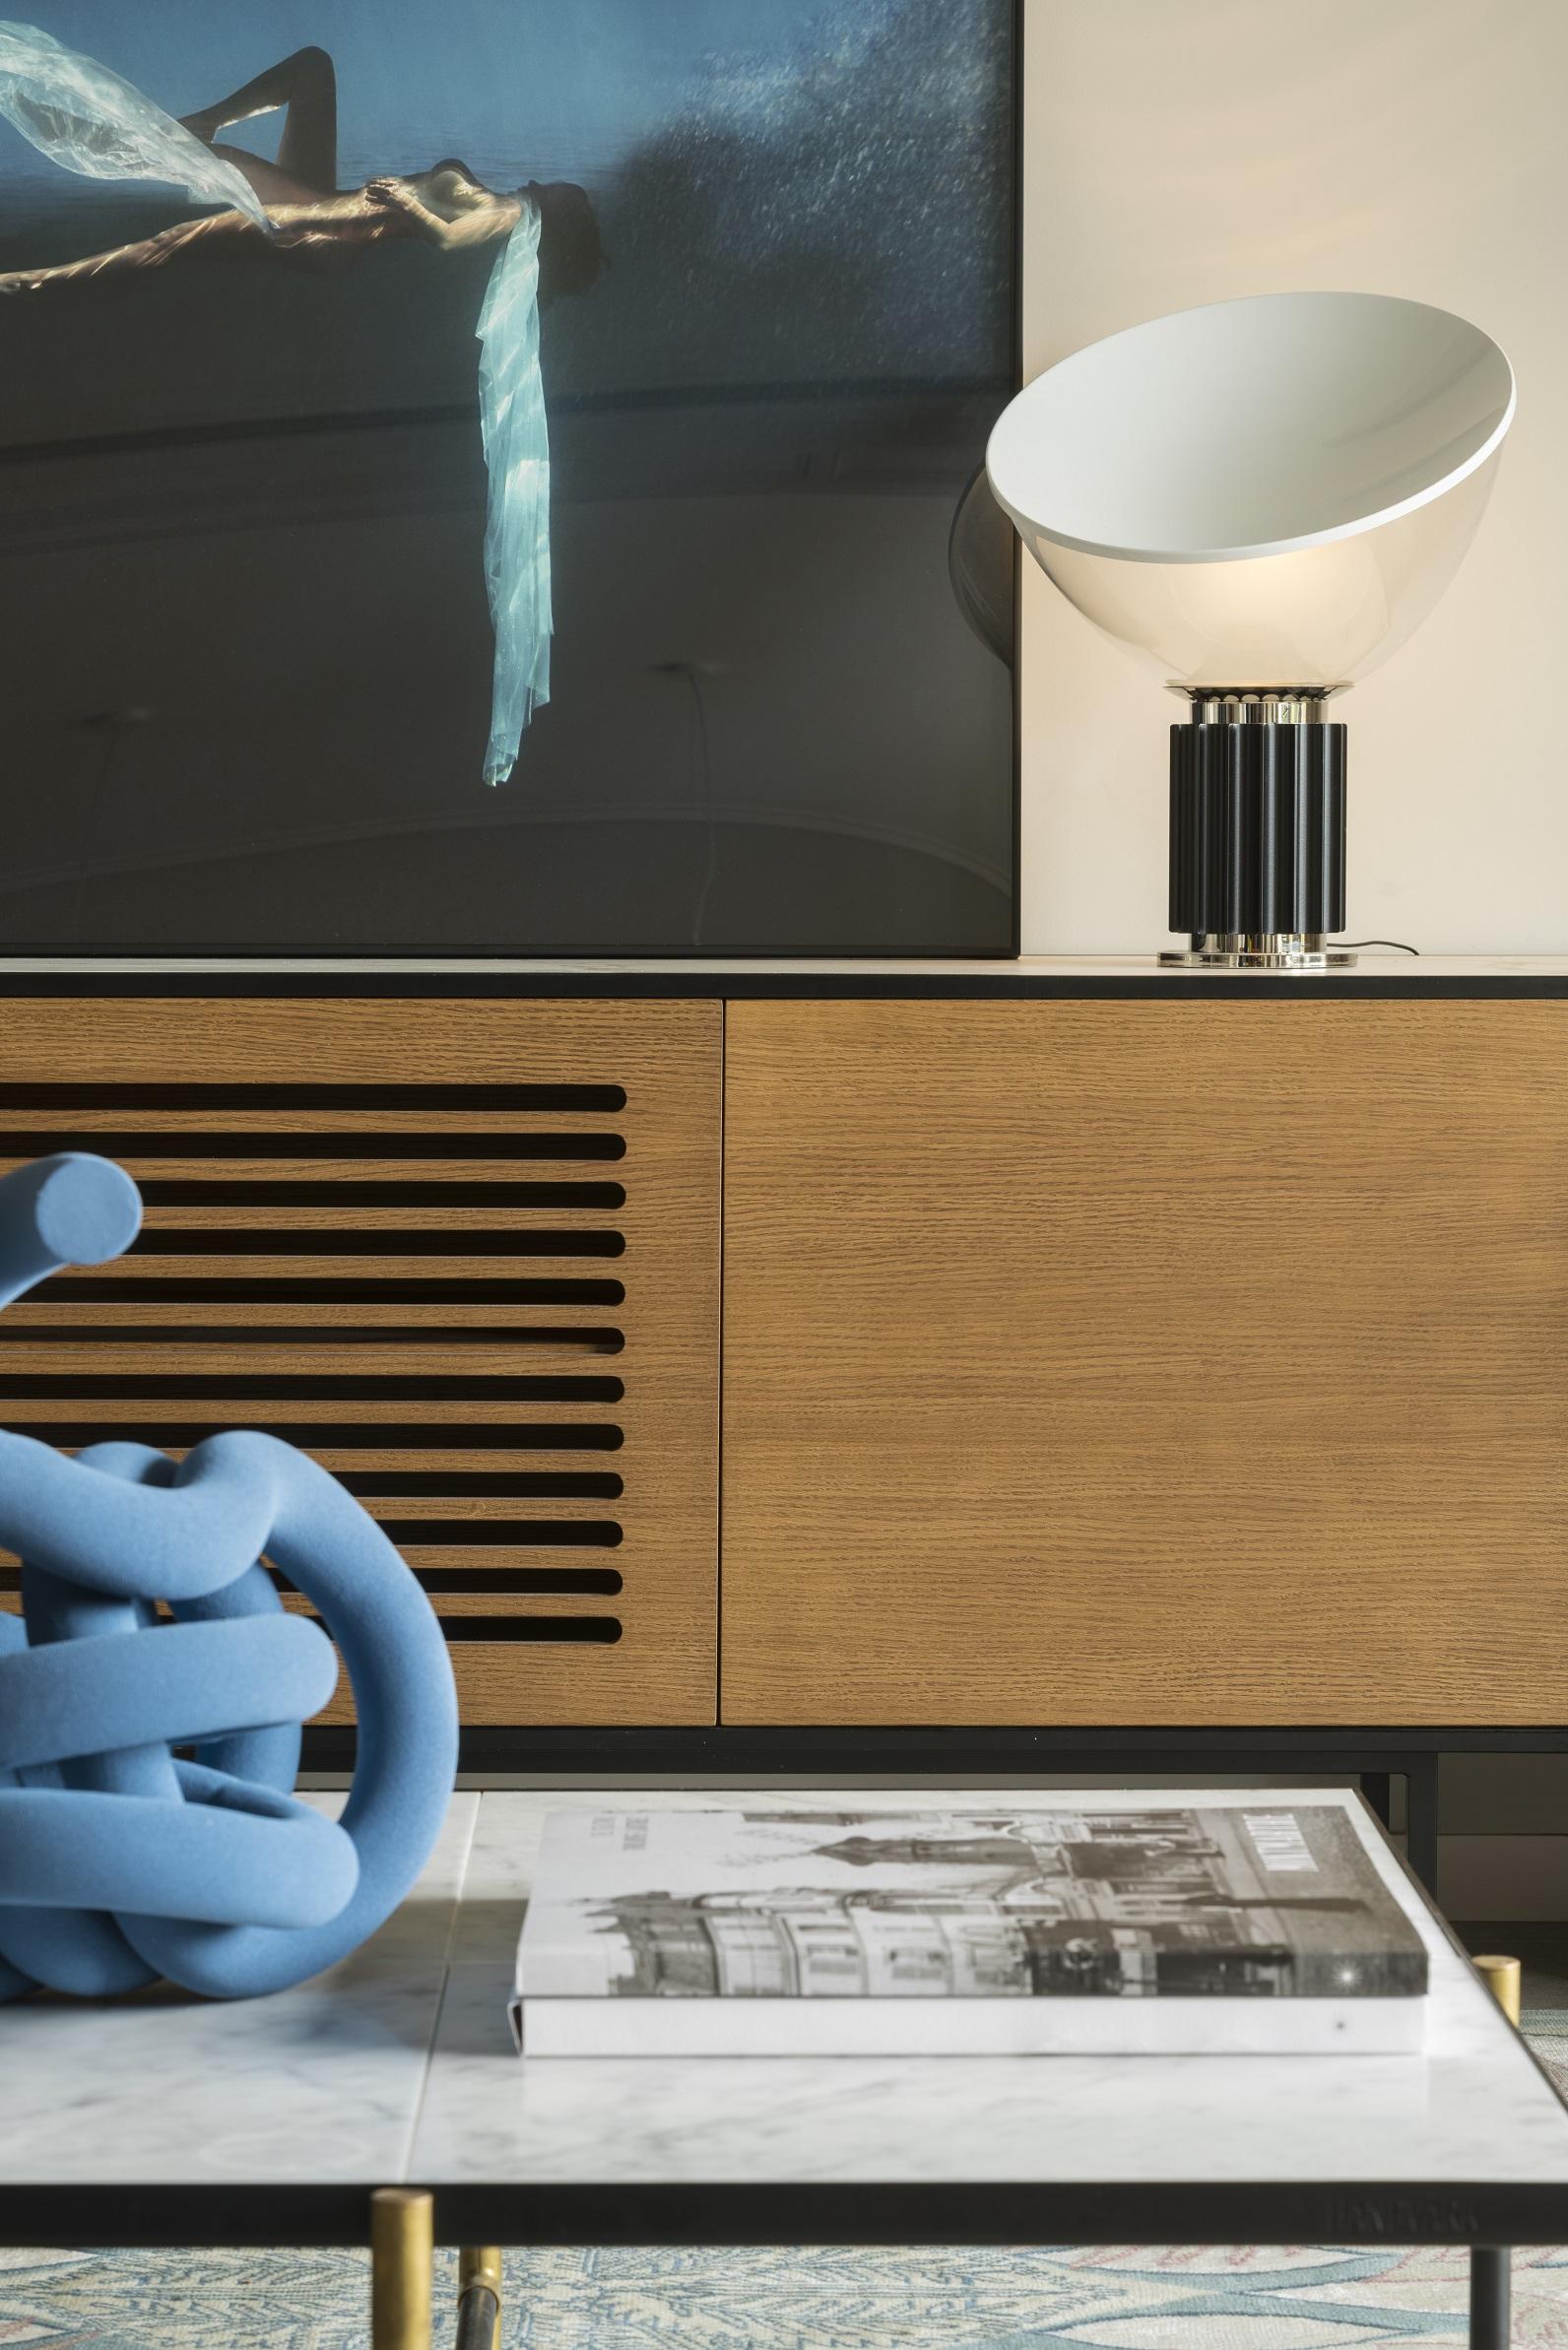 mobiliario de diseño en proyecto de interiorismo